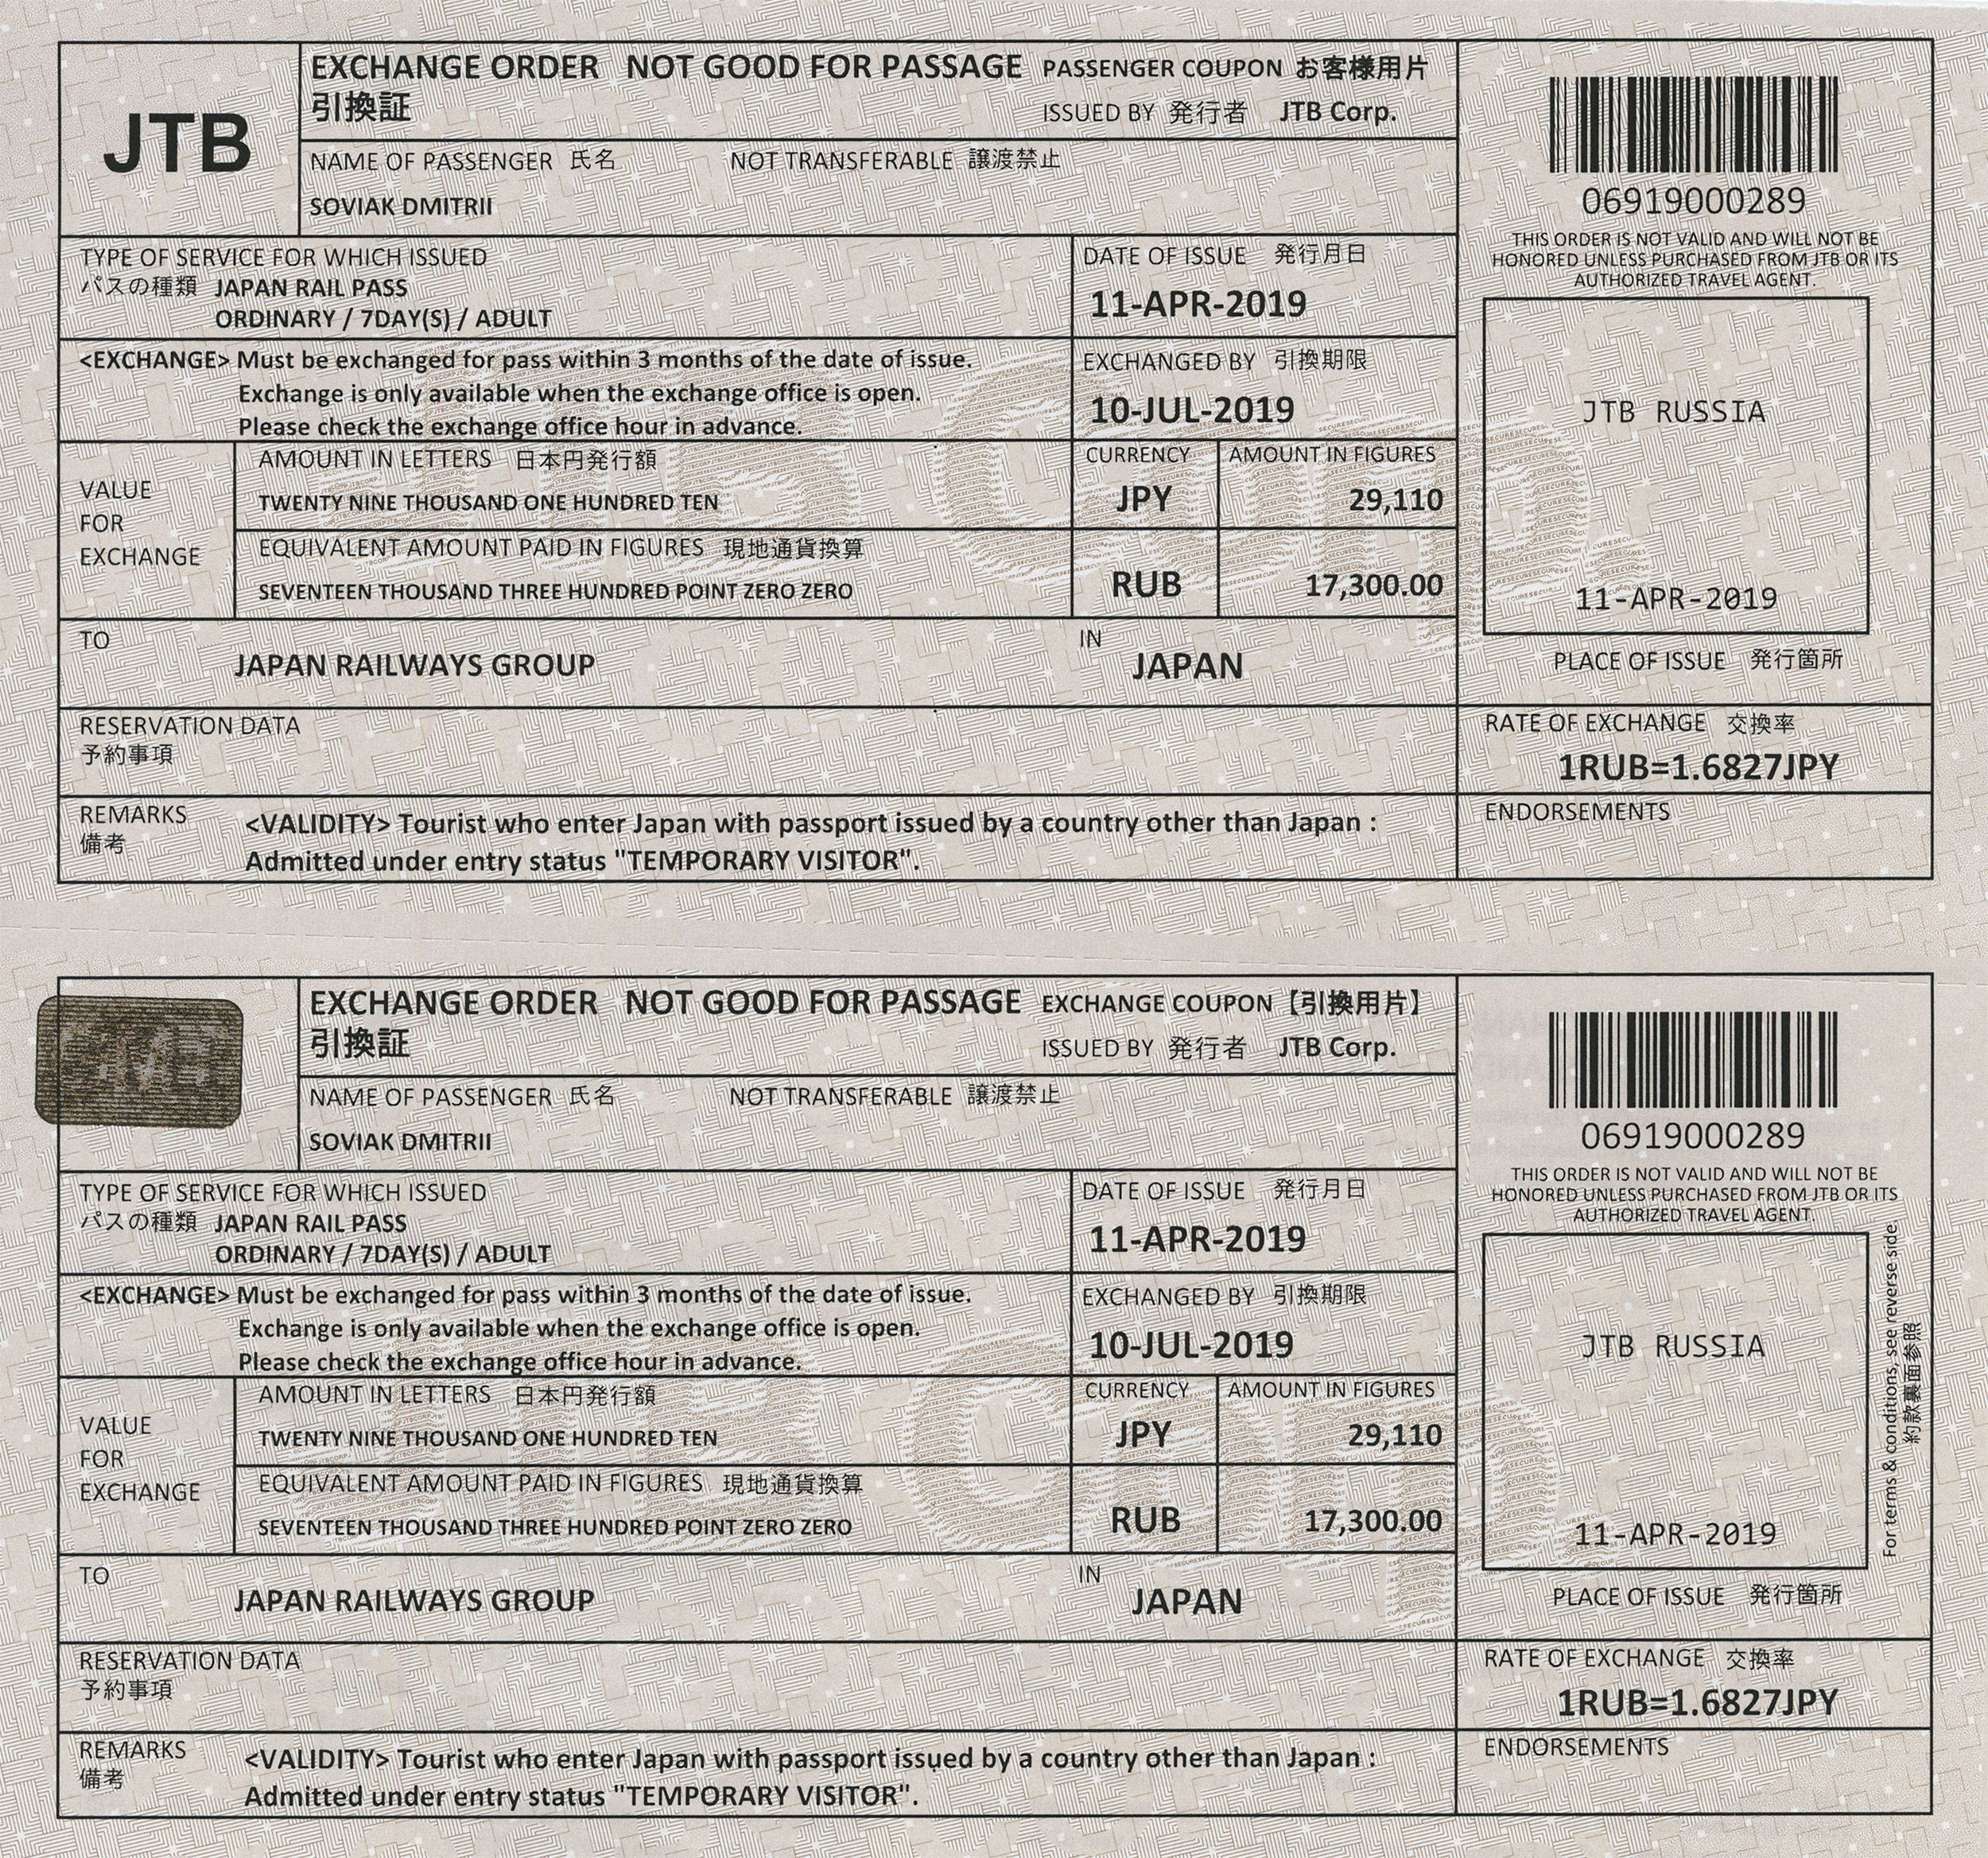 Ваучер JR Pass. В течение трех месяцев с момента покупки его надо обменять на проездной в Японии